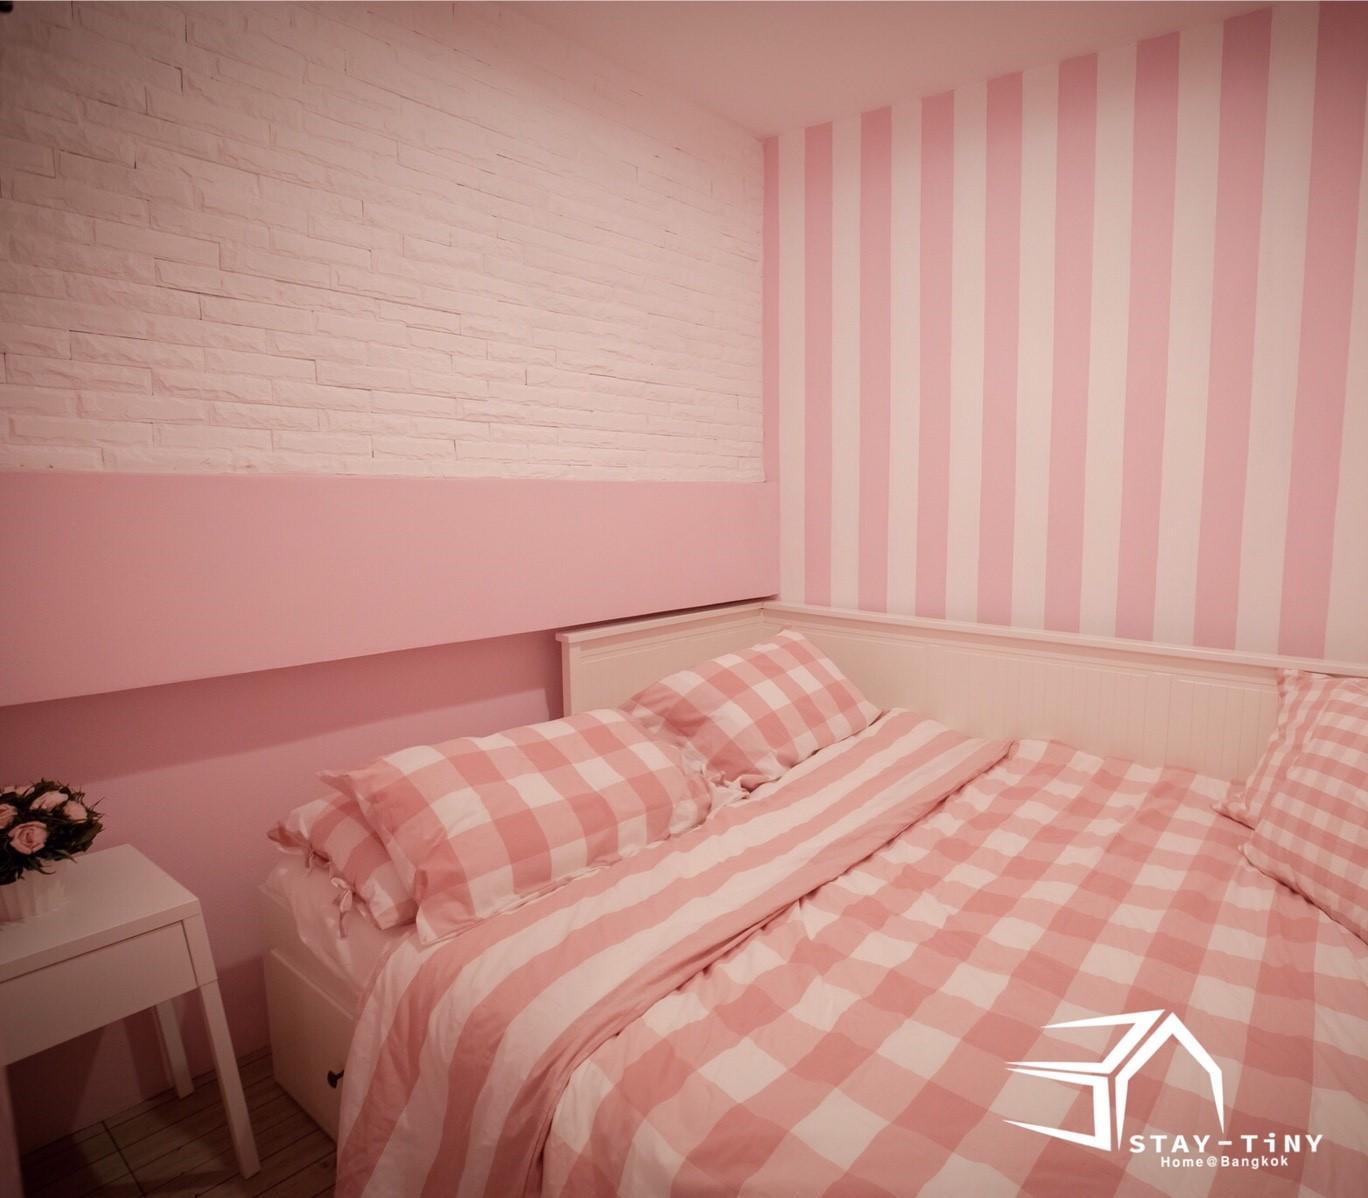 STAY TiNY Home Bangkok Pink Room